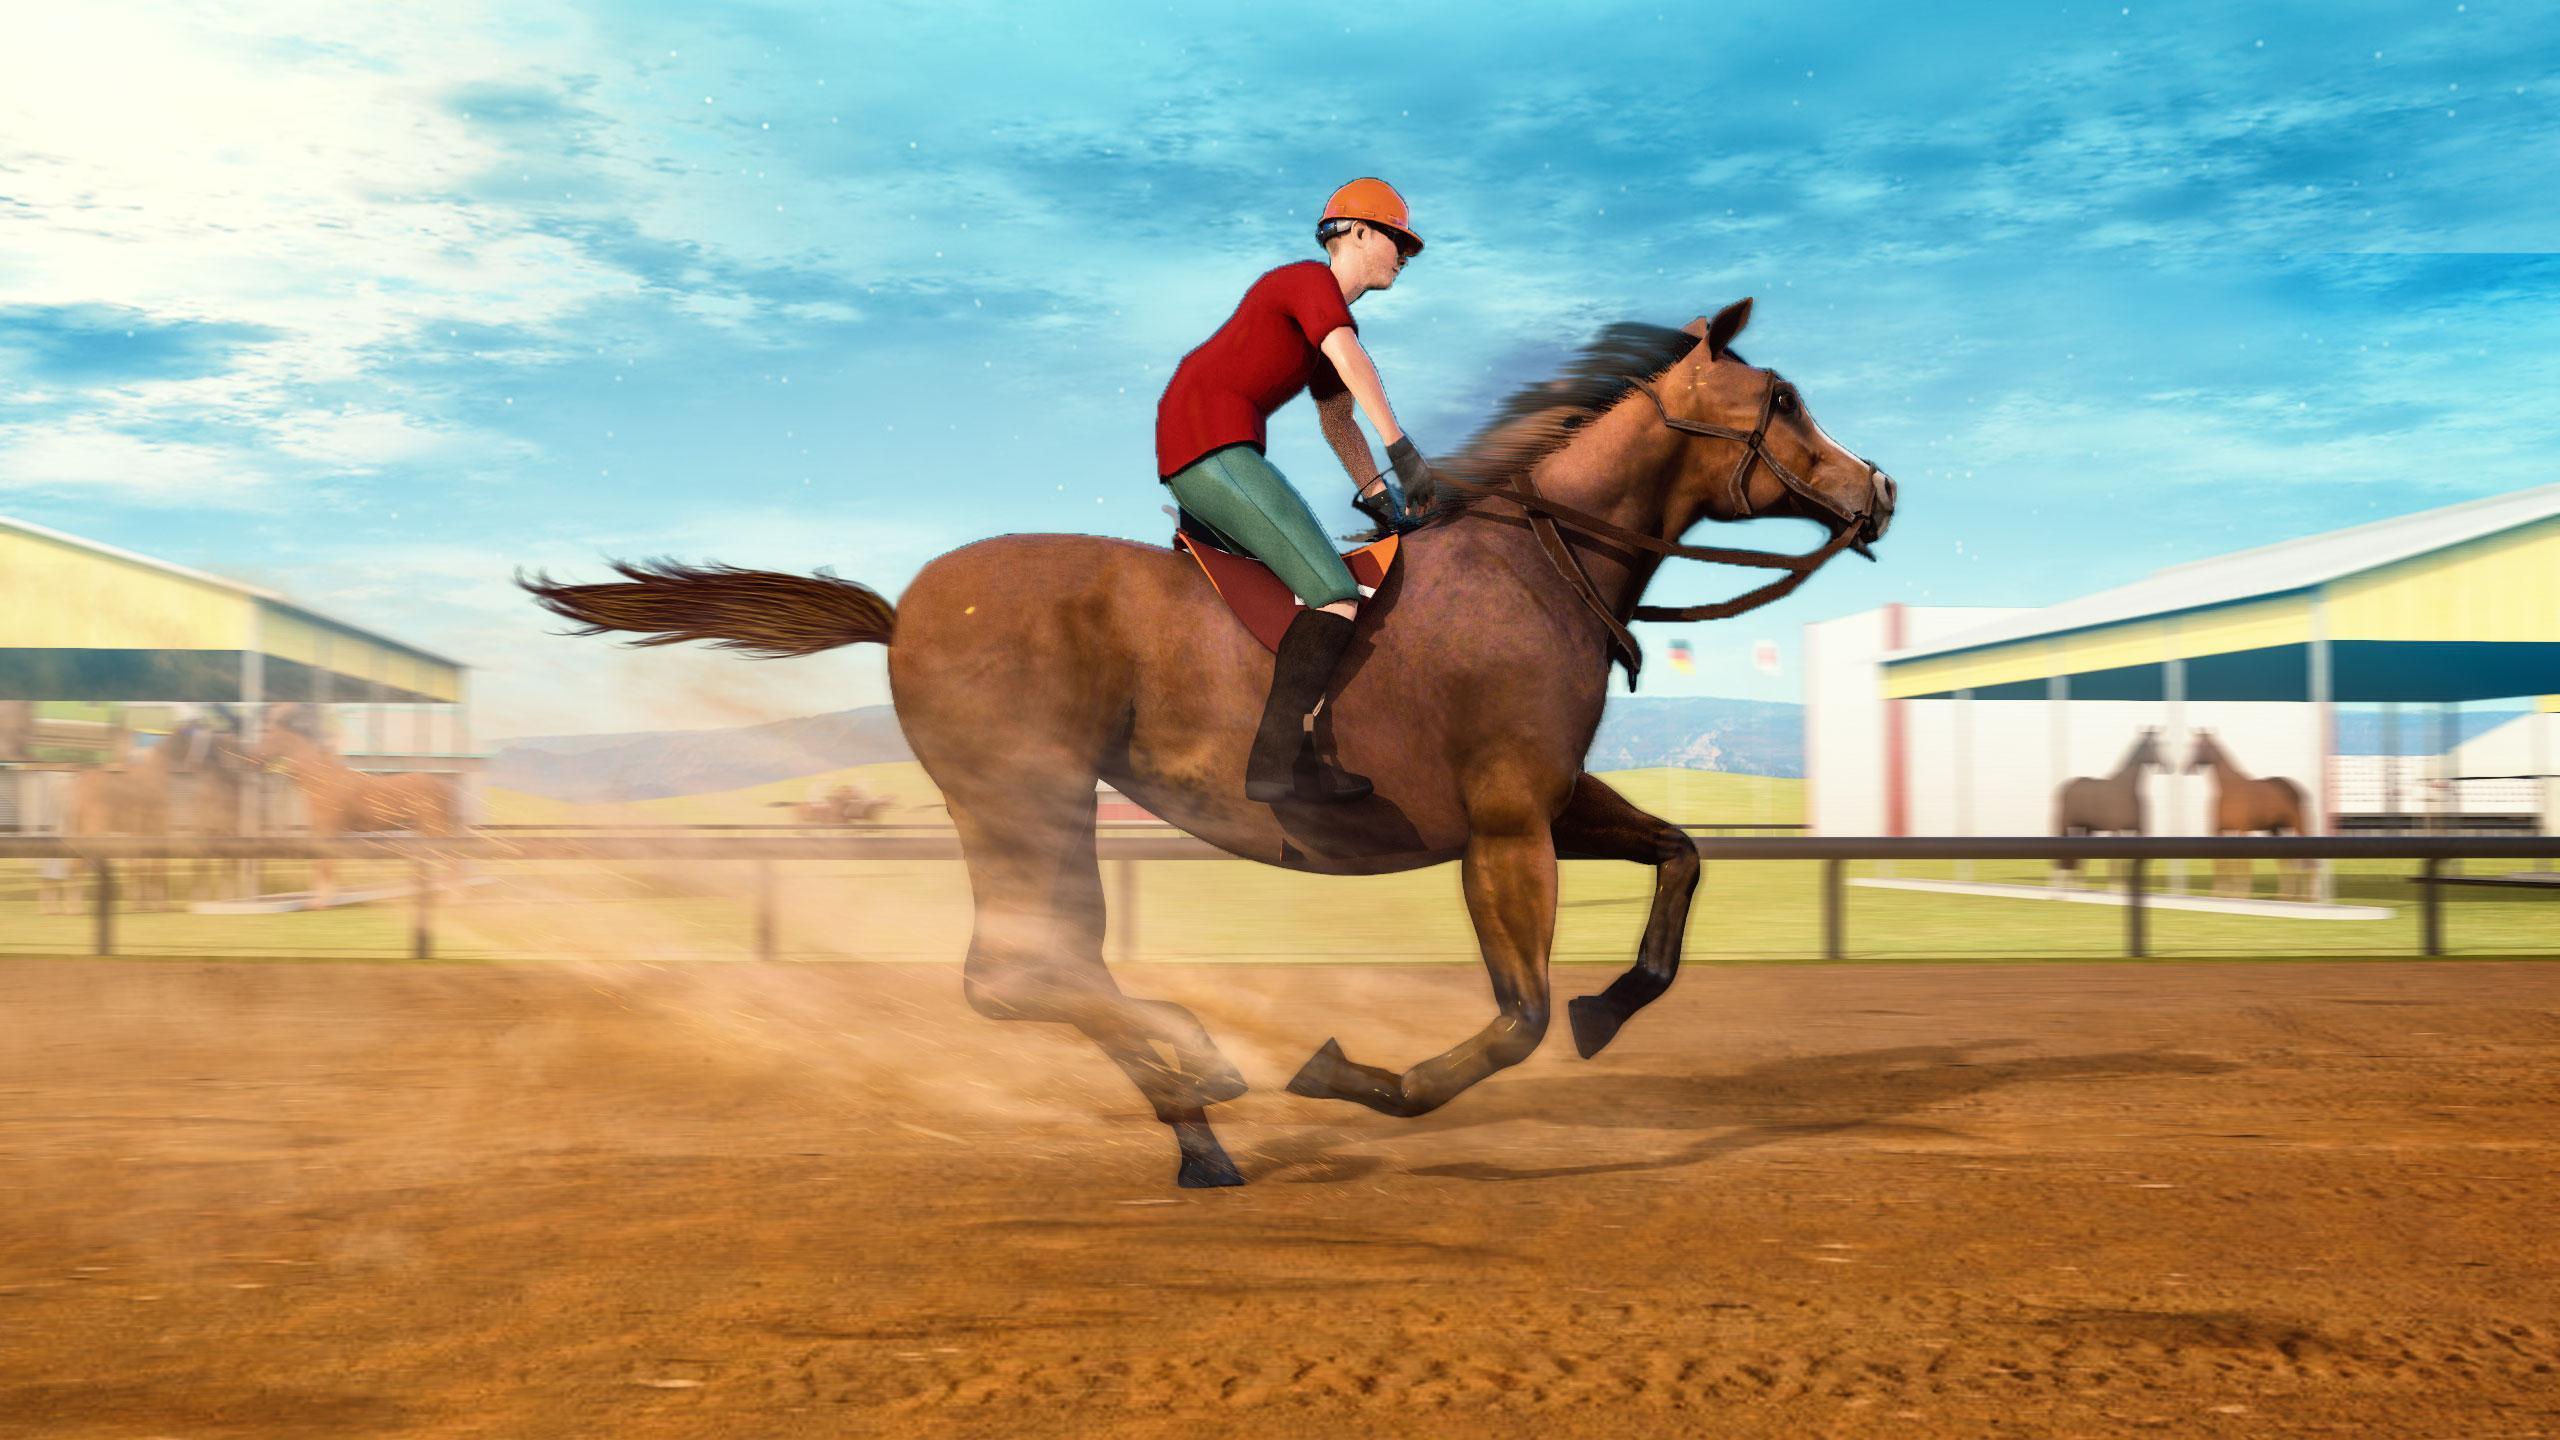 Horse Racing Games 2020: Derby Riding Race 3d 4.1 Screenshot 19